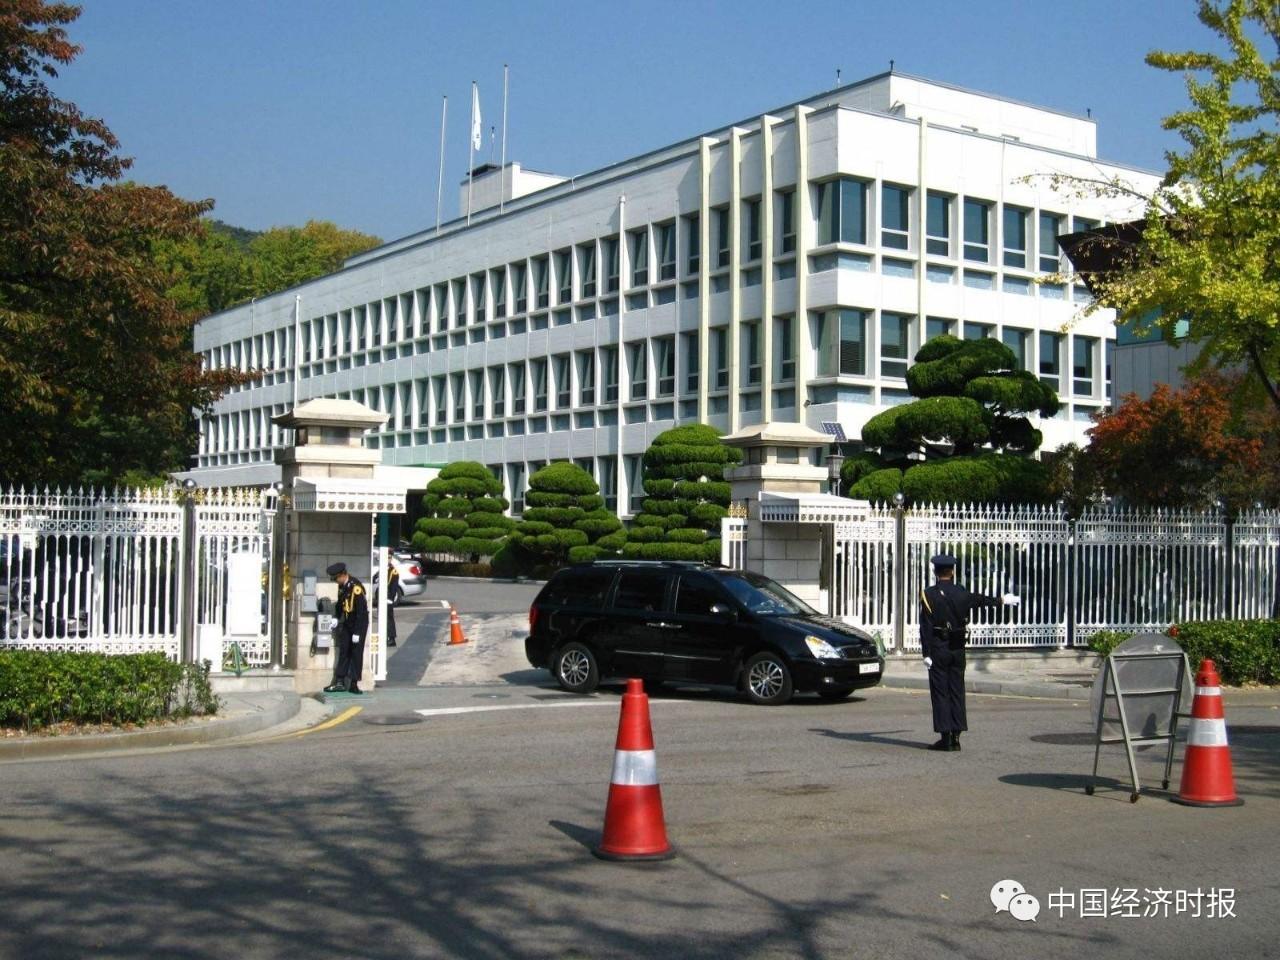 国研丨韩国公共机构疏解经验值得借鉴